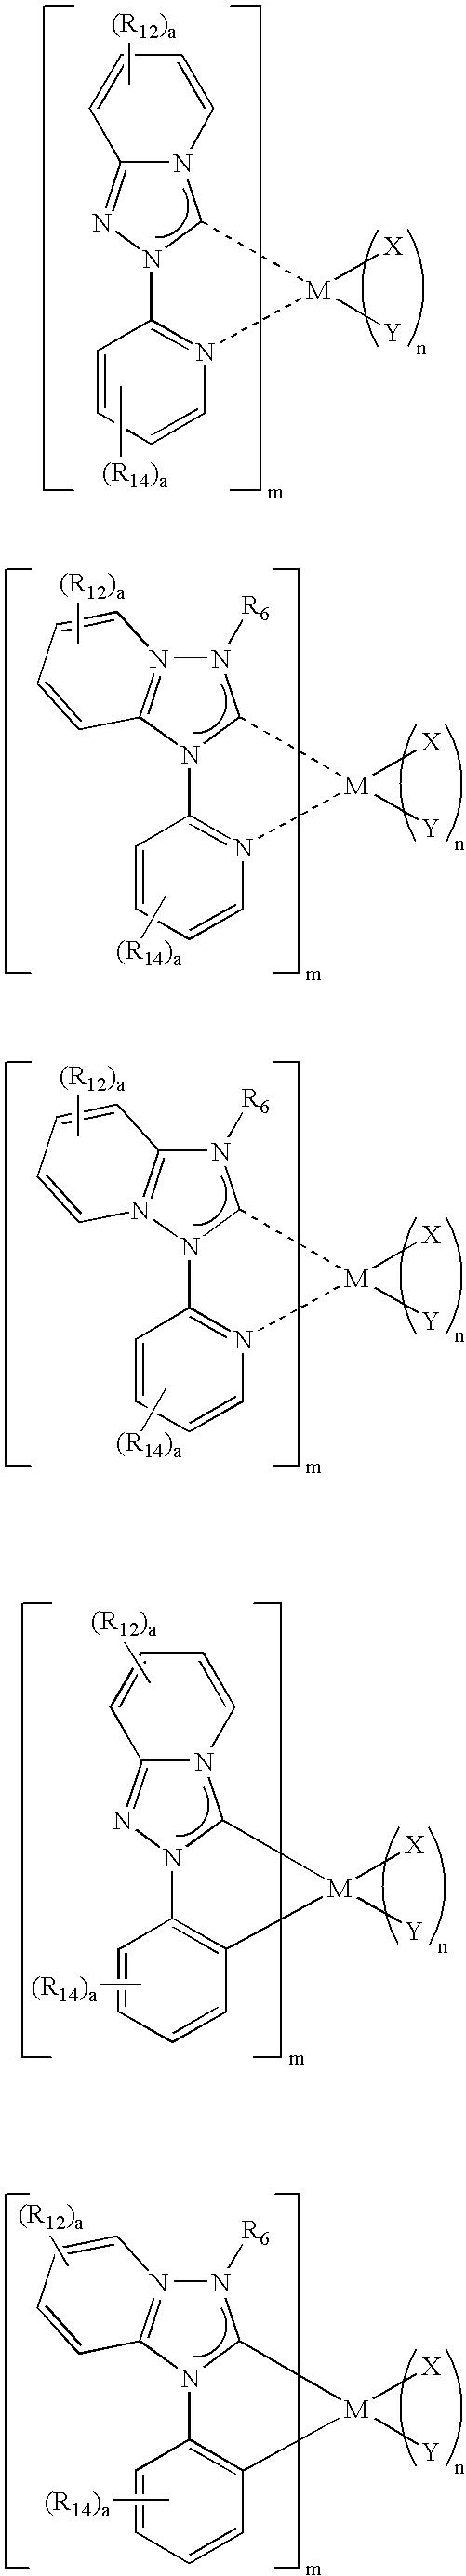 Figure US20050260441A1-20051124-C00064